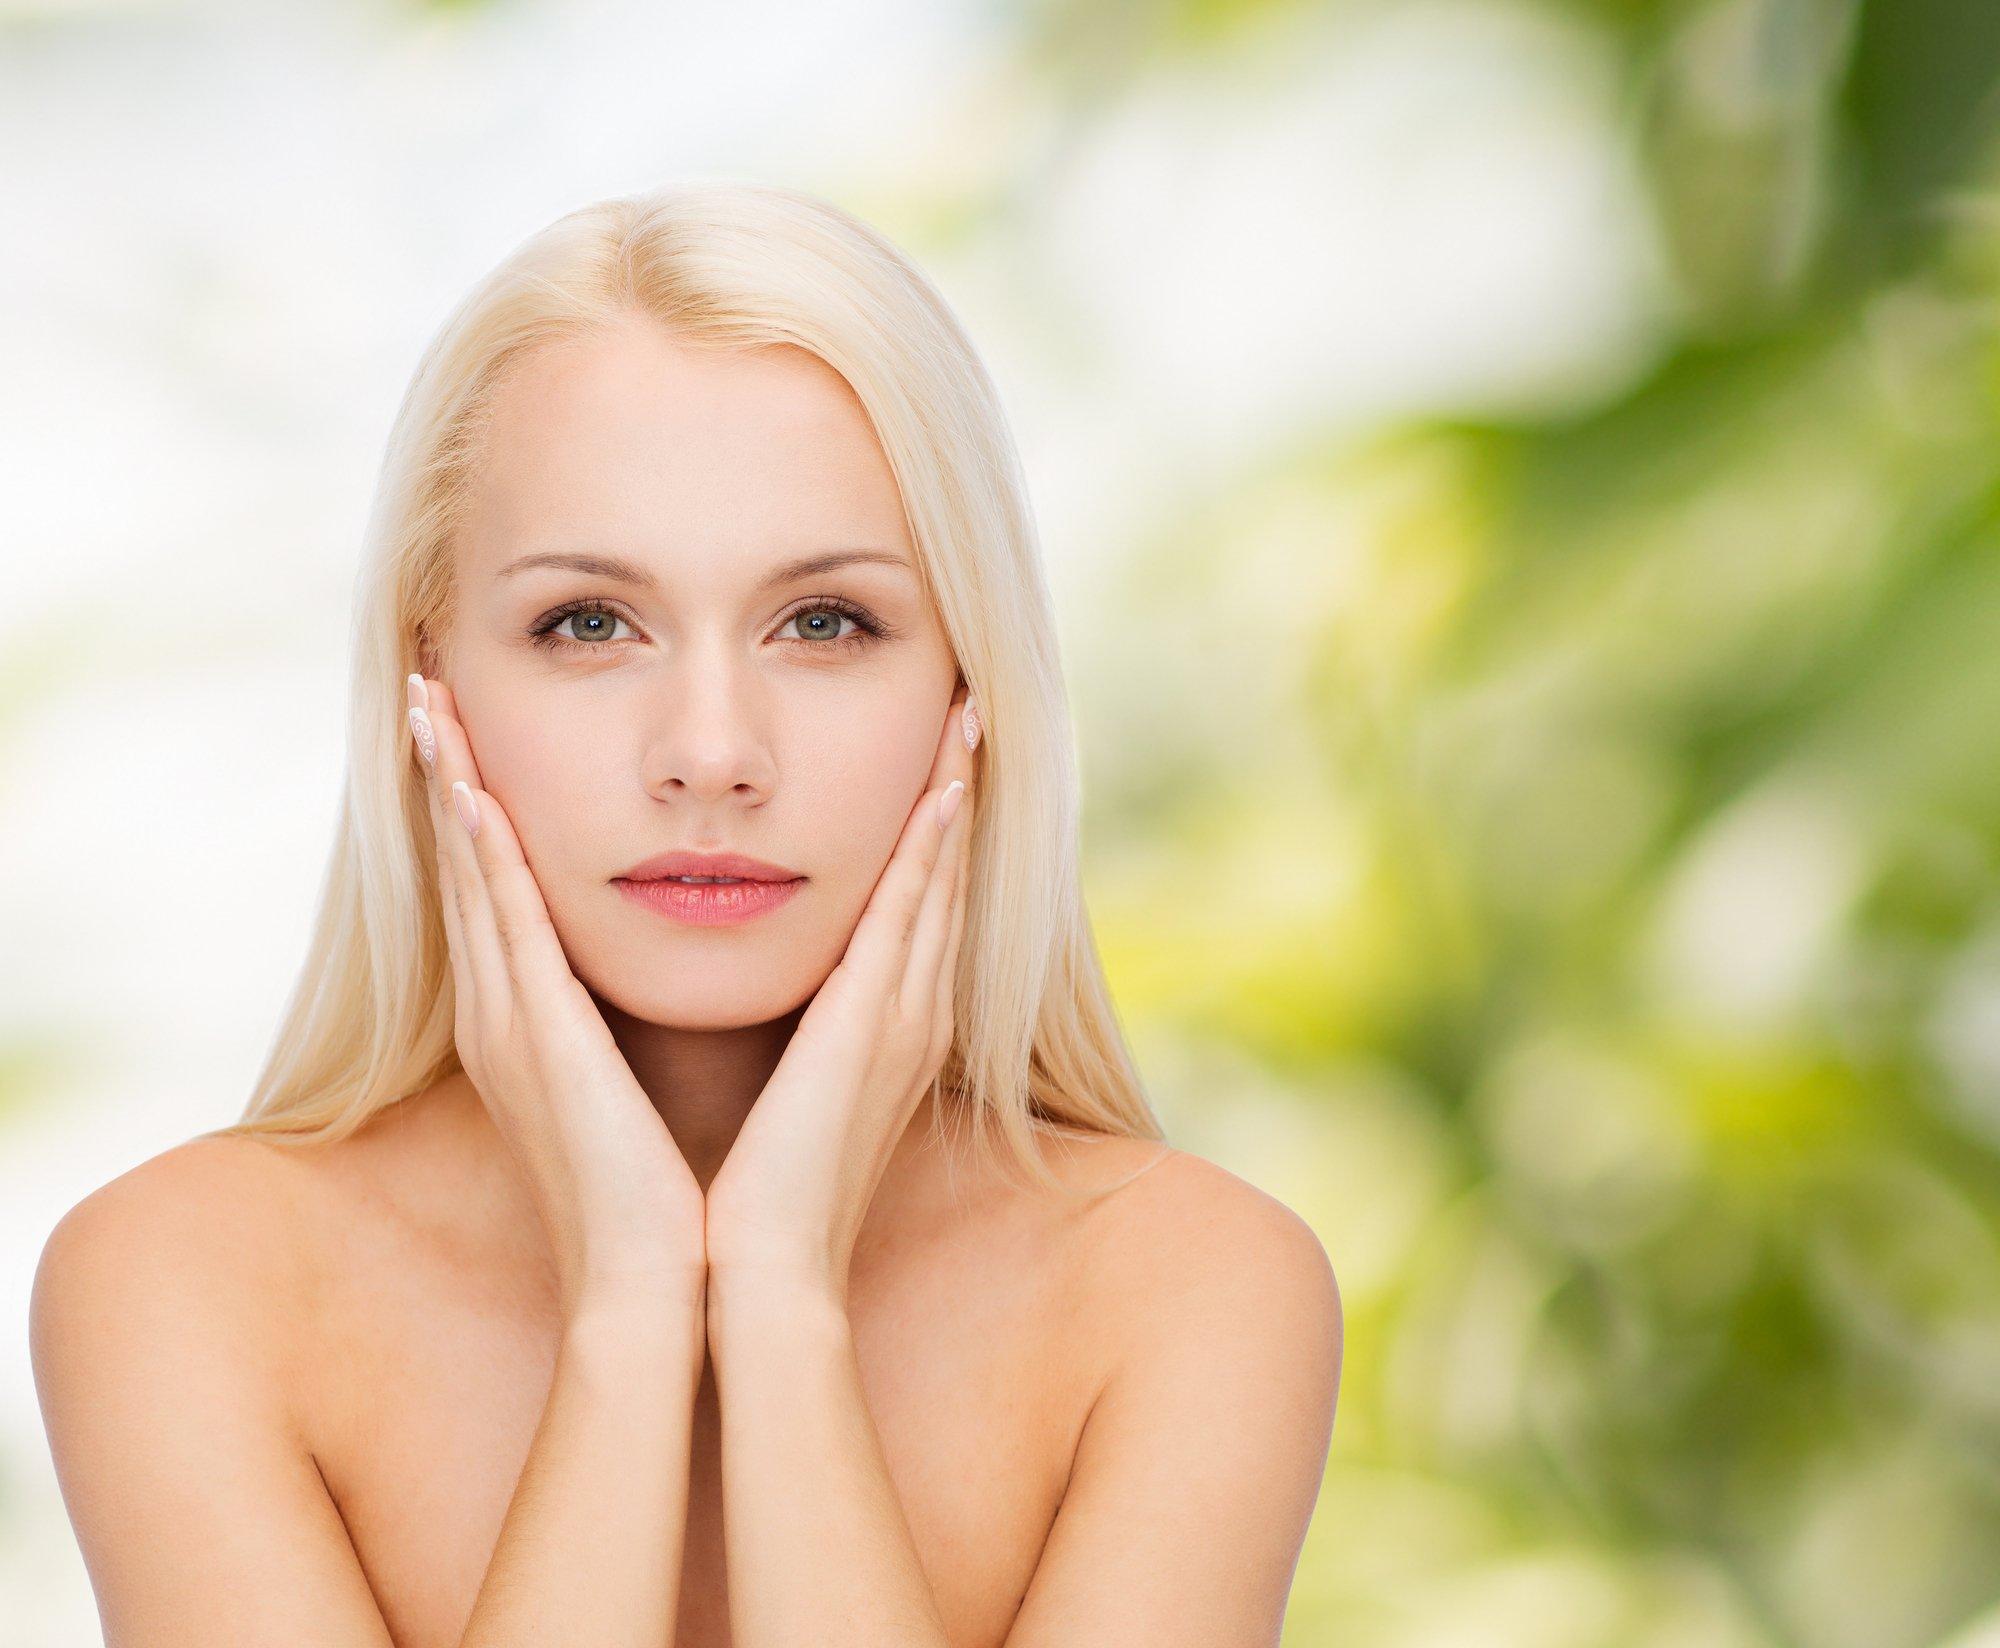 face of beautiful woman touching her face skin